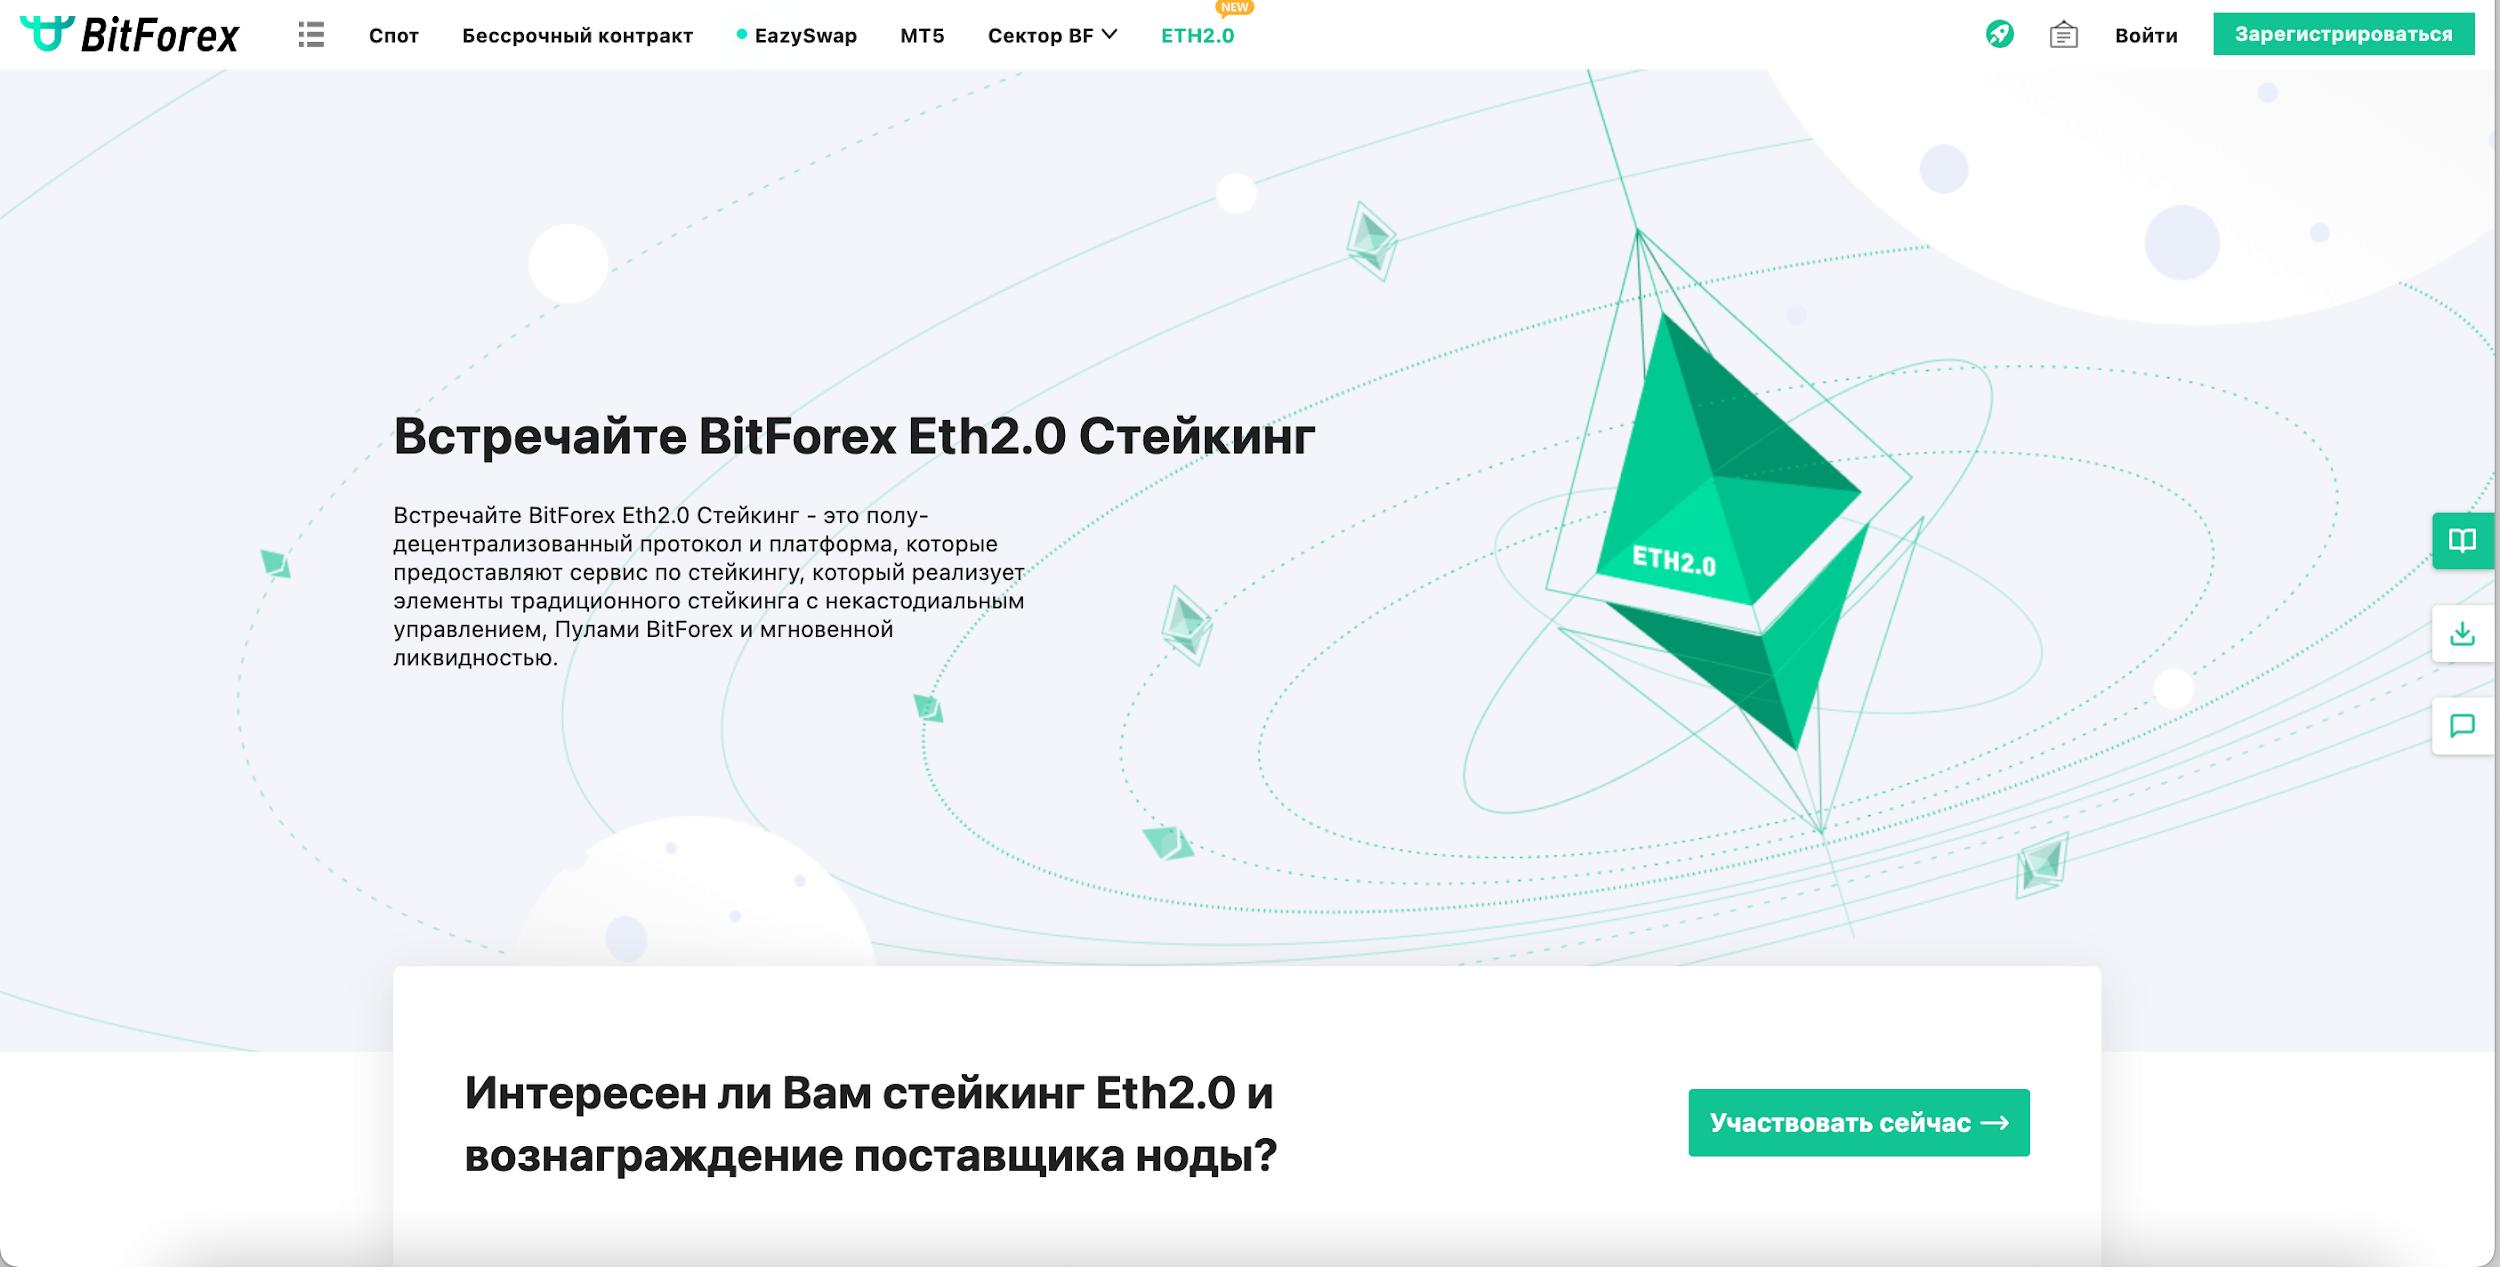 Стейкинг Ethereum 2.0